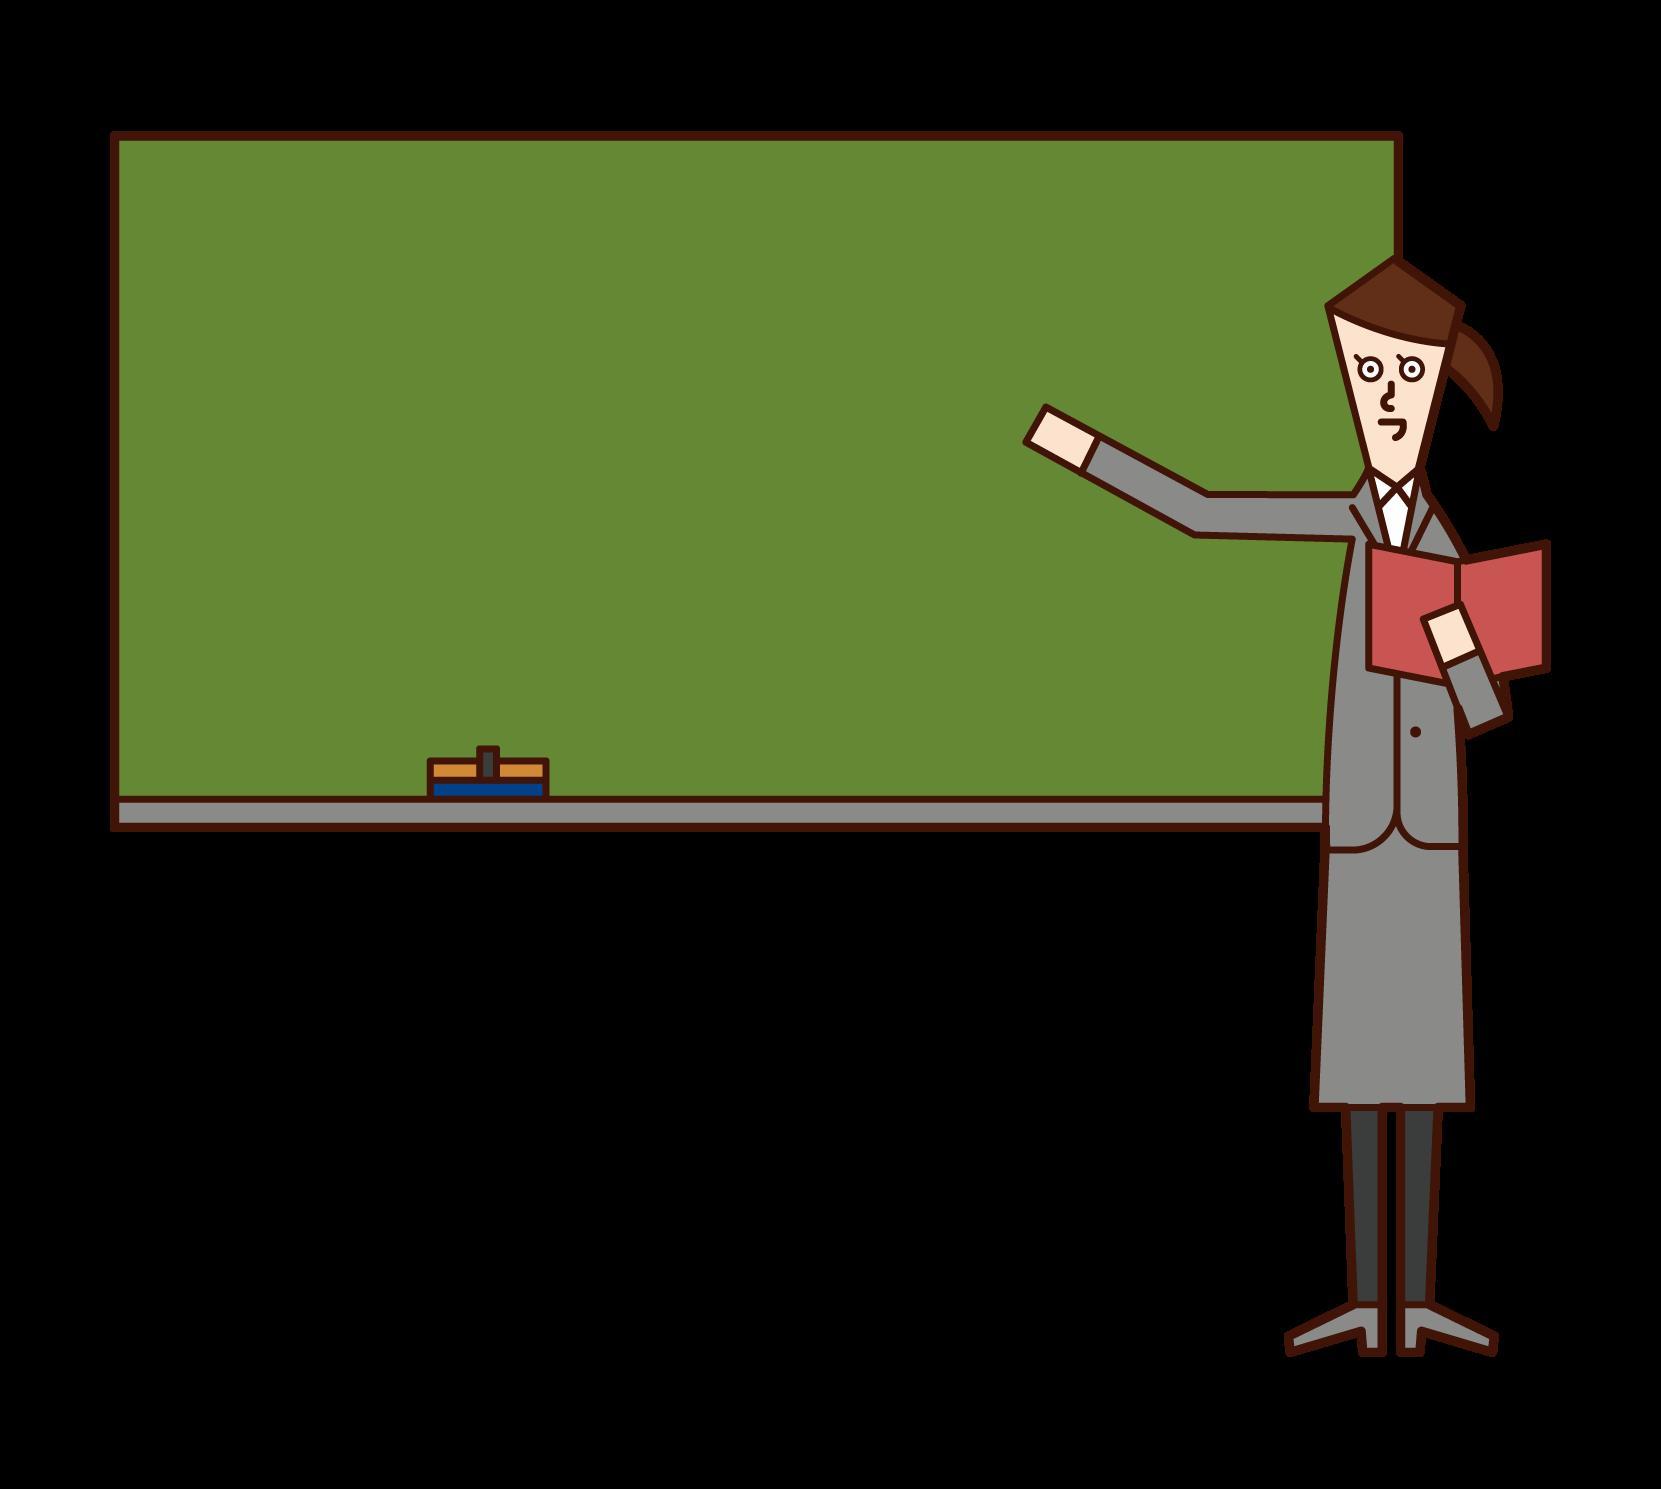 授業をする教師(女性)のイラスト